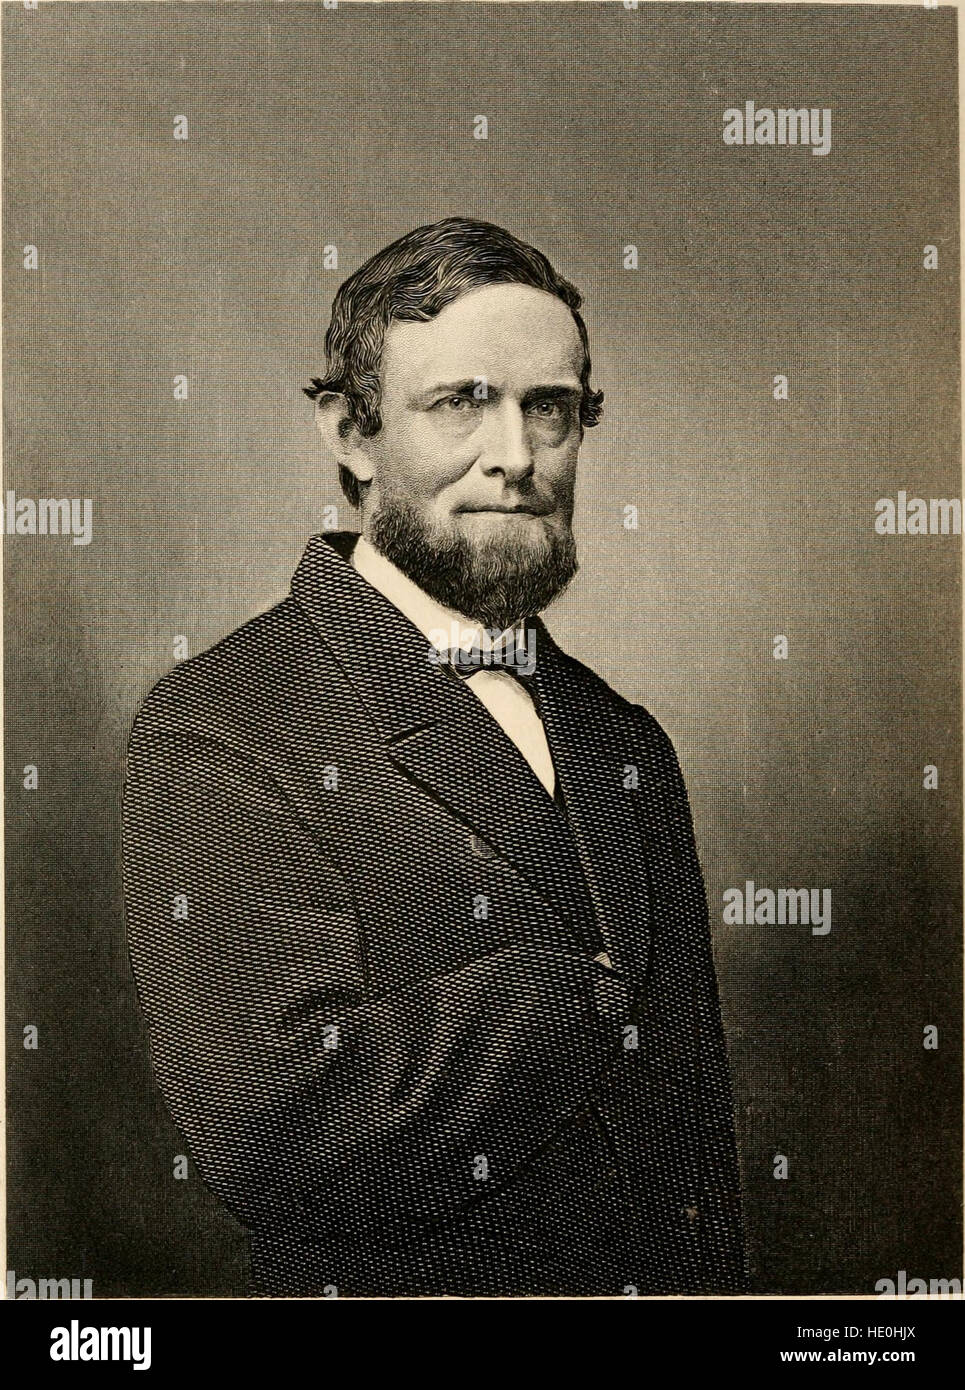 Grant Ward Beard